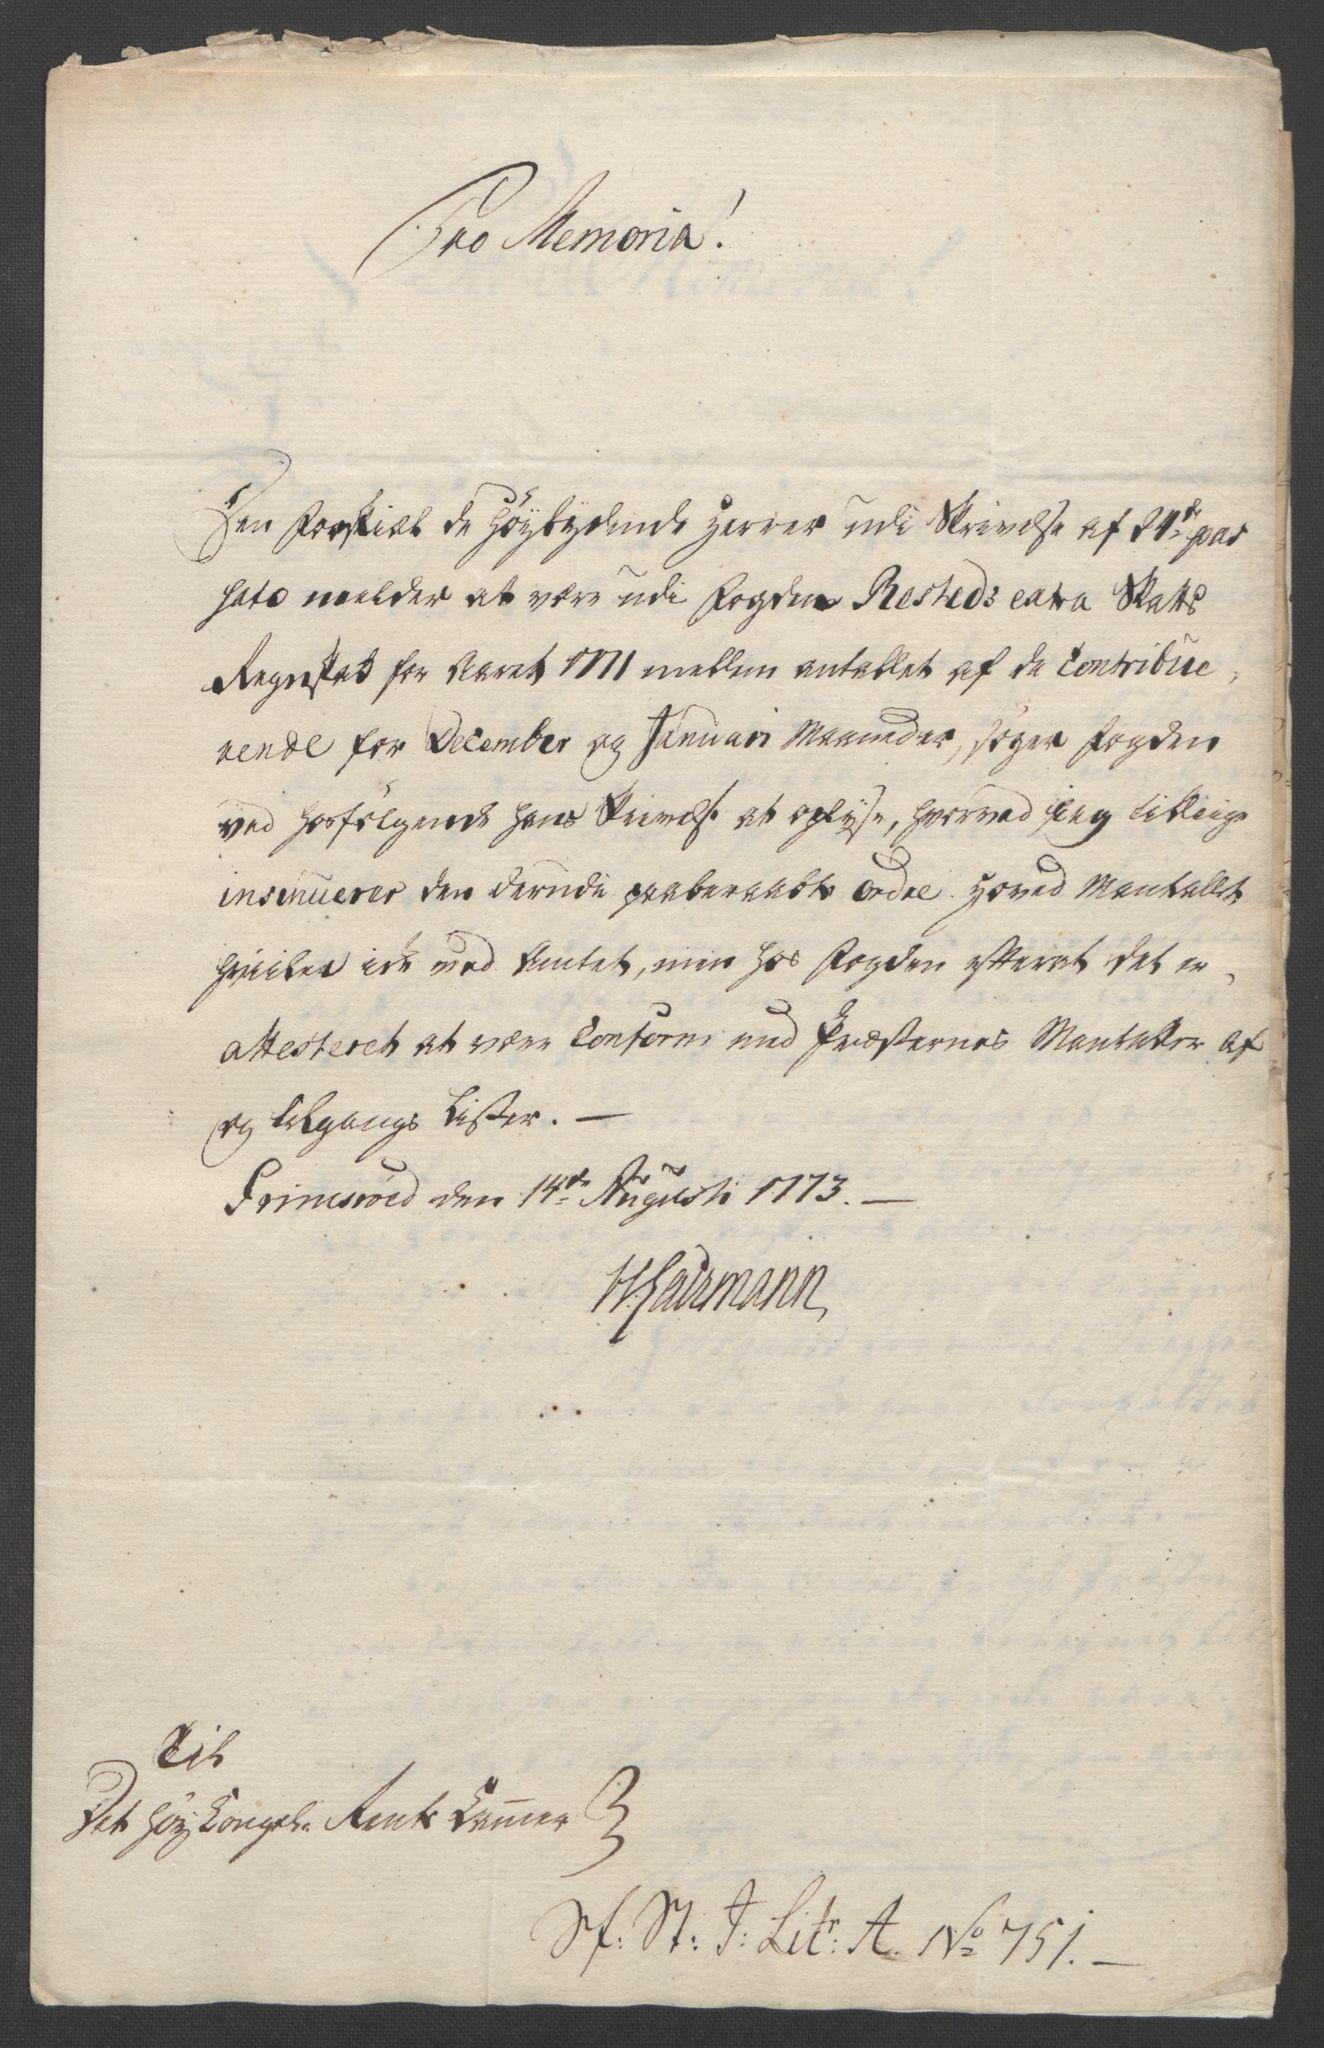 RA, Rentekammeret inntil 1814, Reviderte regnskaper, Fogderegnskap, R07/L0413: Ekstraskatten Rakkestad, Heggen og Frøland, 1762-1772, s. 613